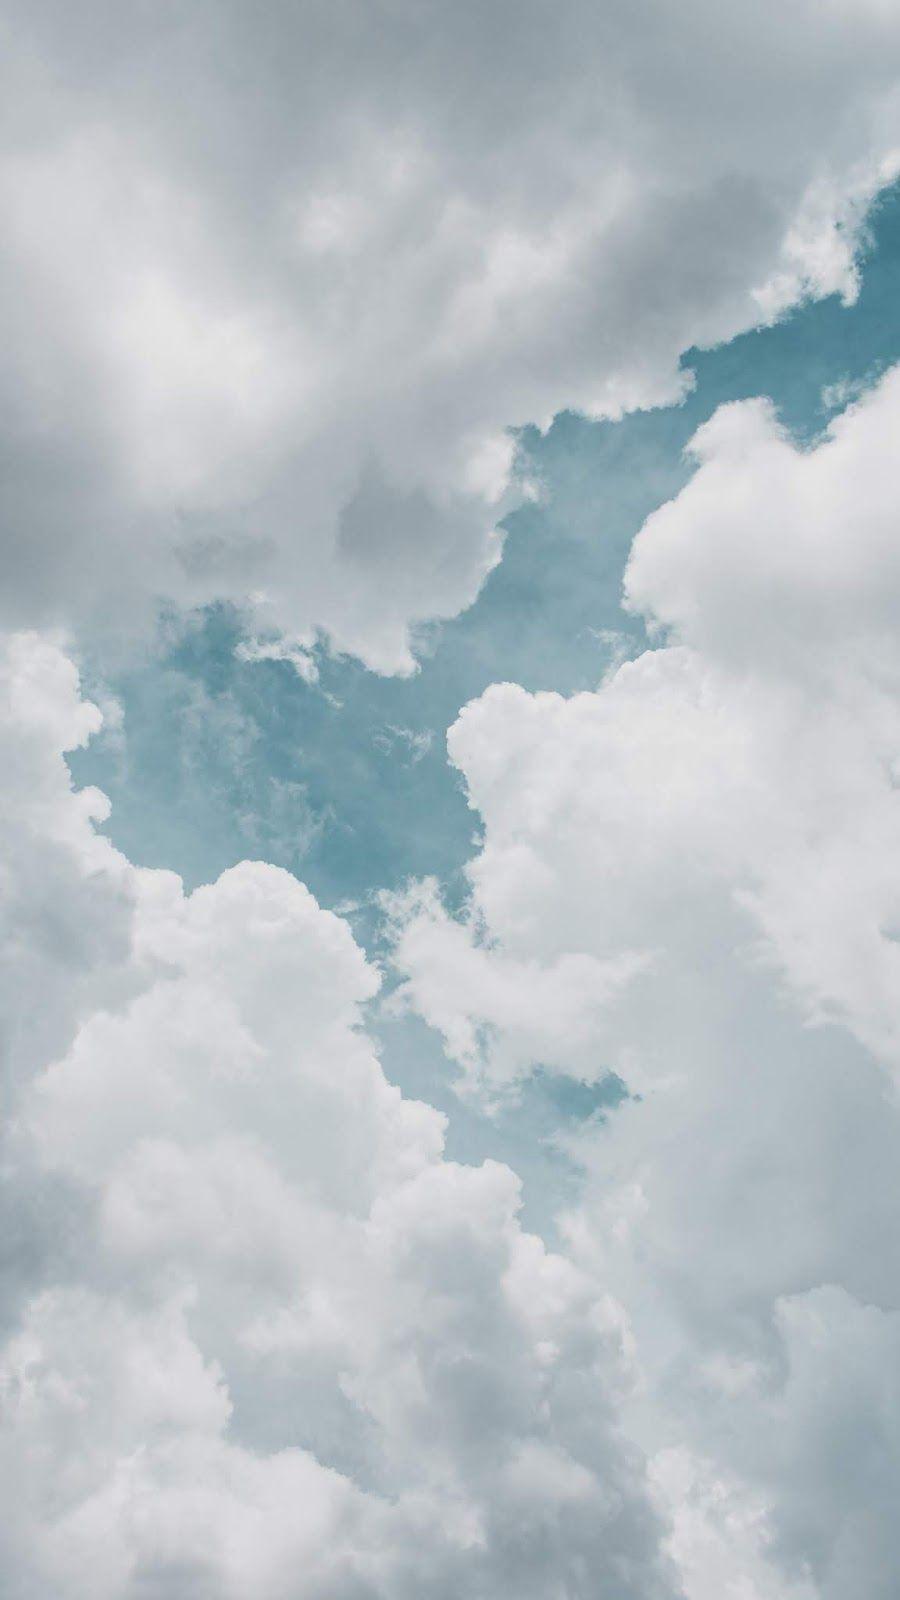 Hình ảnh trời mây rất đẹp